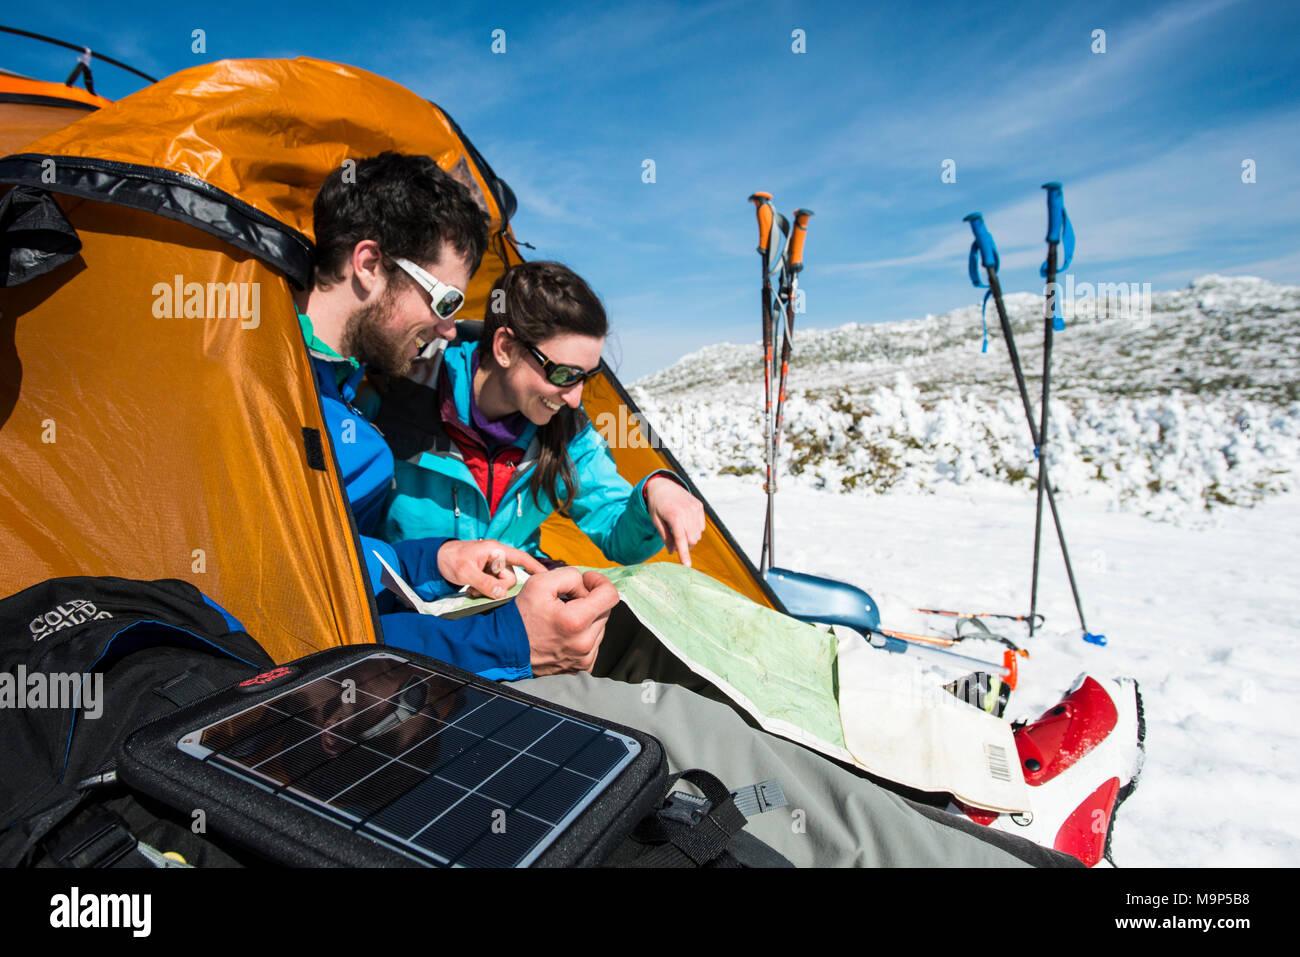 L uomo e la donna l'impostazione di campeggio in inverno in montagna durante le ore diurne, New Hampshire, STATI UNITI D'AMERICA Immagini Stock